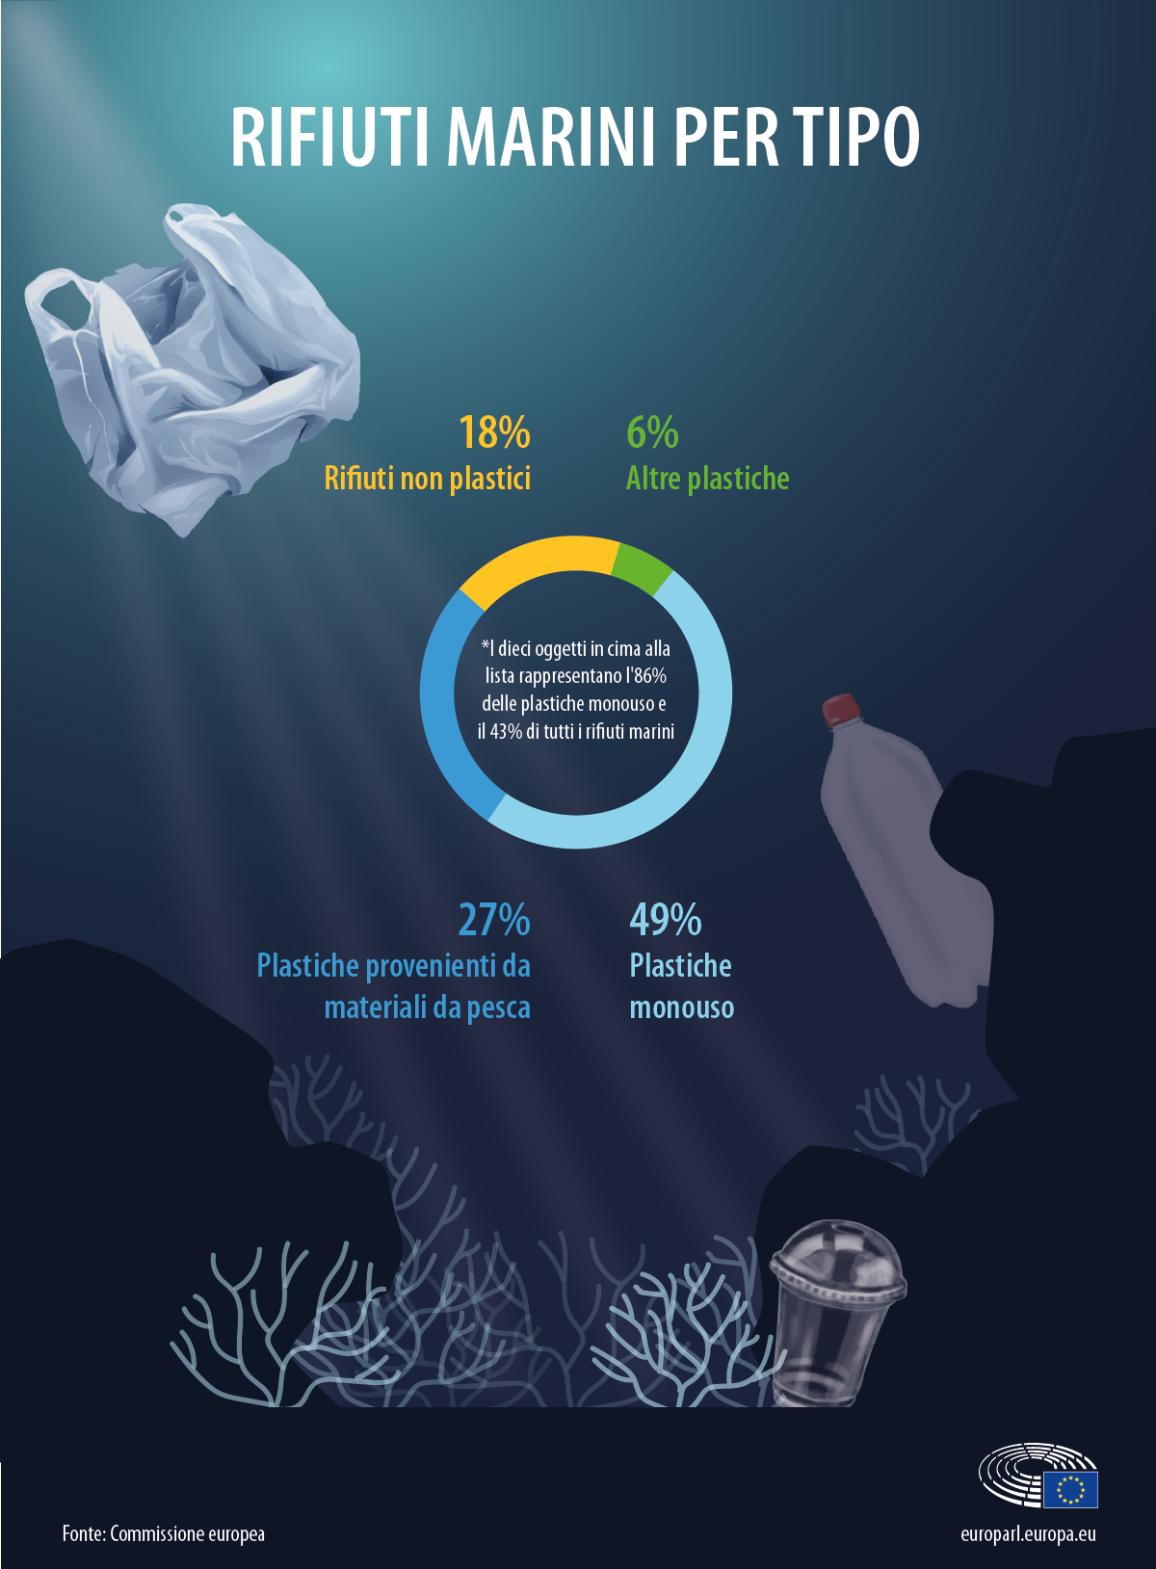 Infografica sui rifiuti marini di plastica e non, suddivisi per tipologia